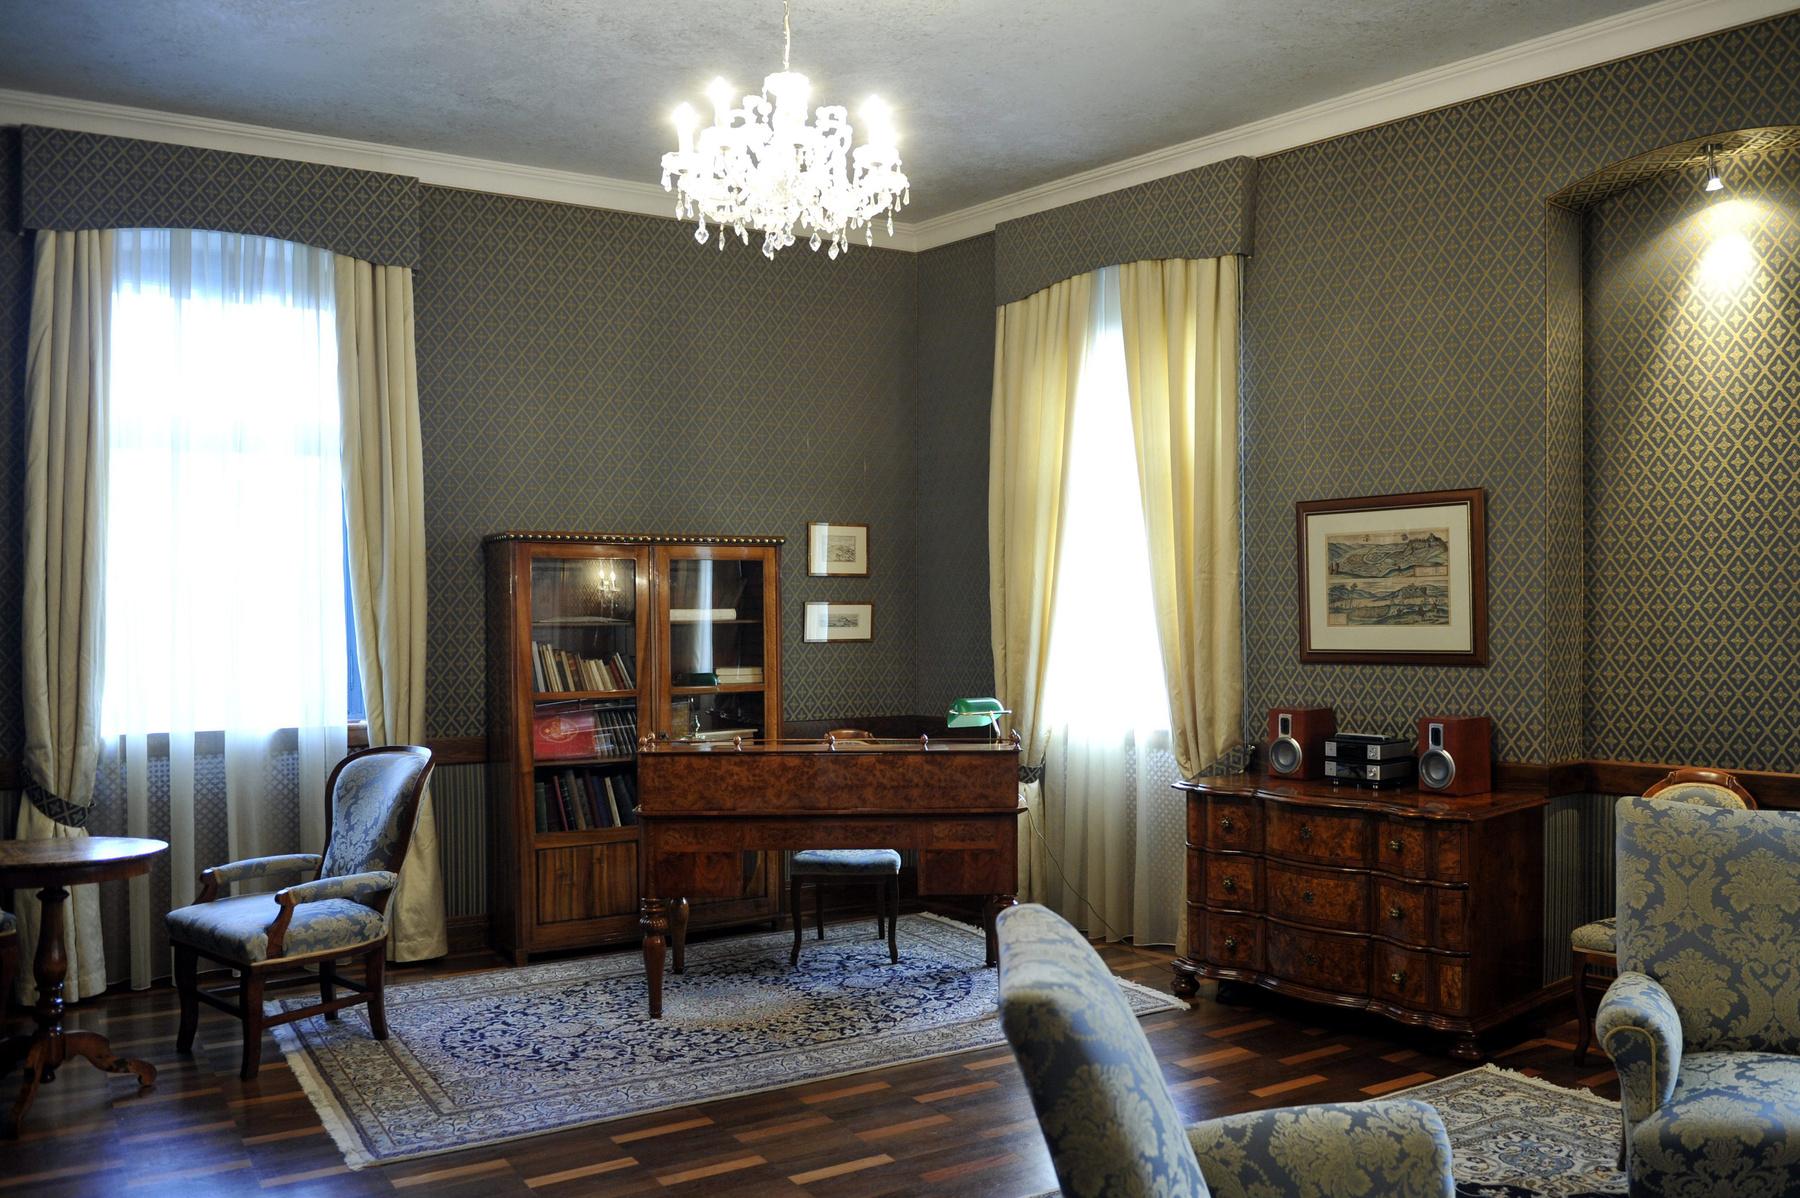 Szűcs György polgármester dolgozószobája a Tolna megyei Aparhanton. A településen nem indul polgármesterjelölt a 2014. október 10-i választáson.